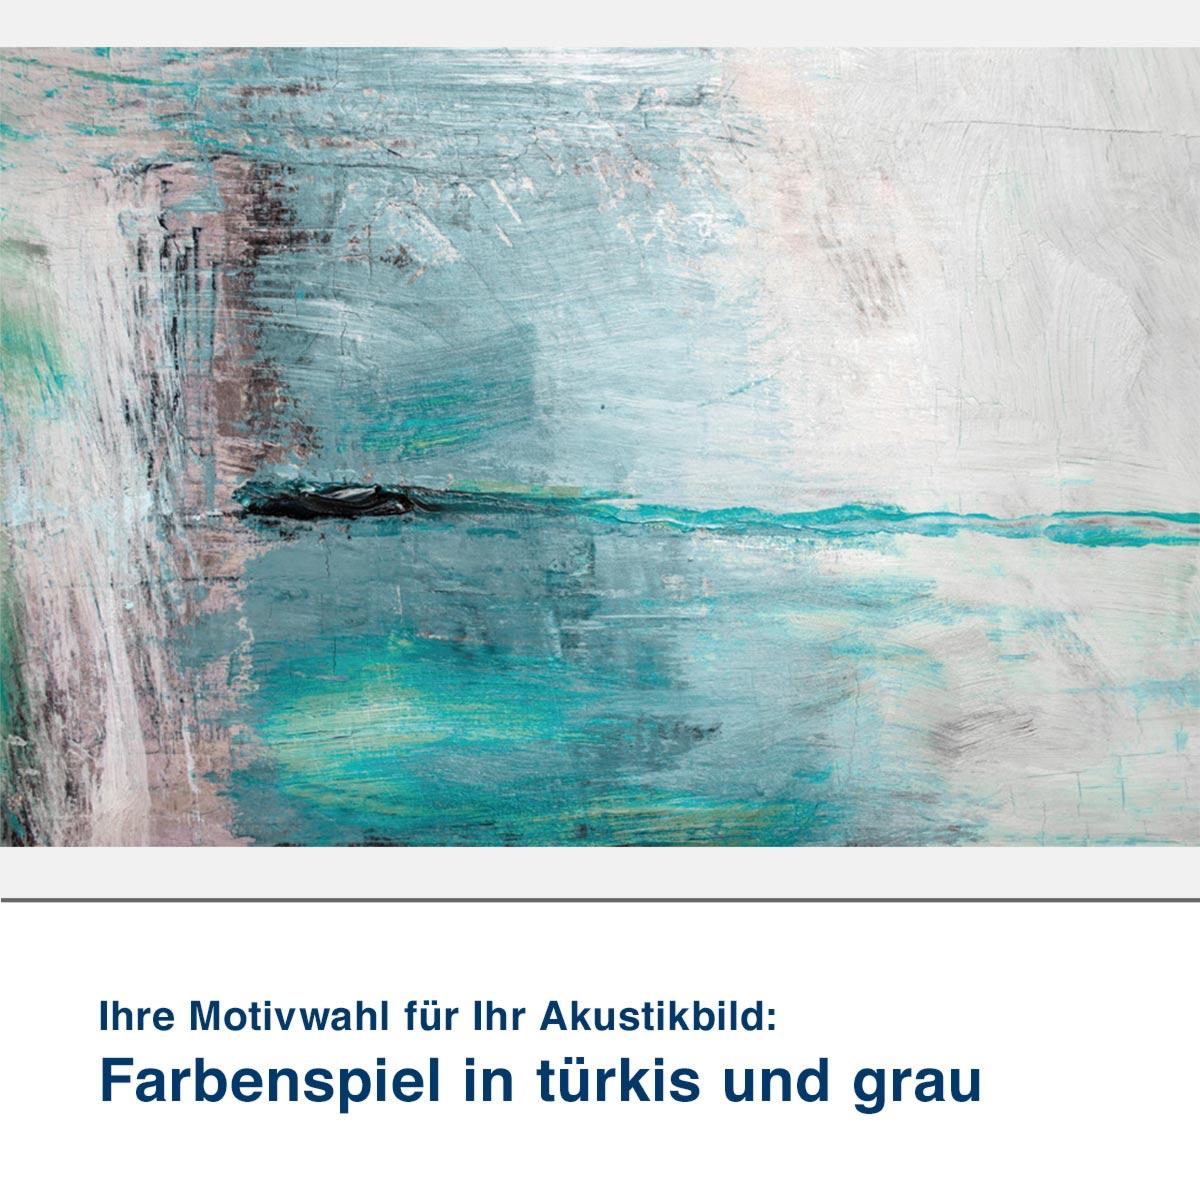 Akustikbild Motiv Farbenspiel in türkis und grau